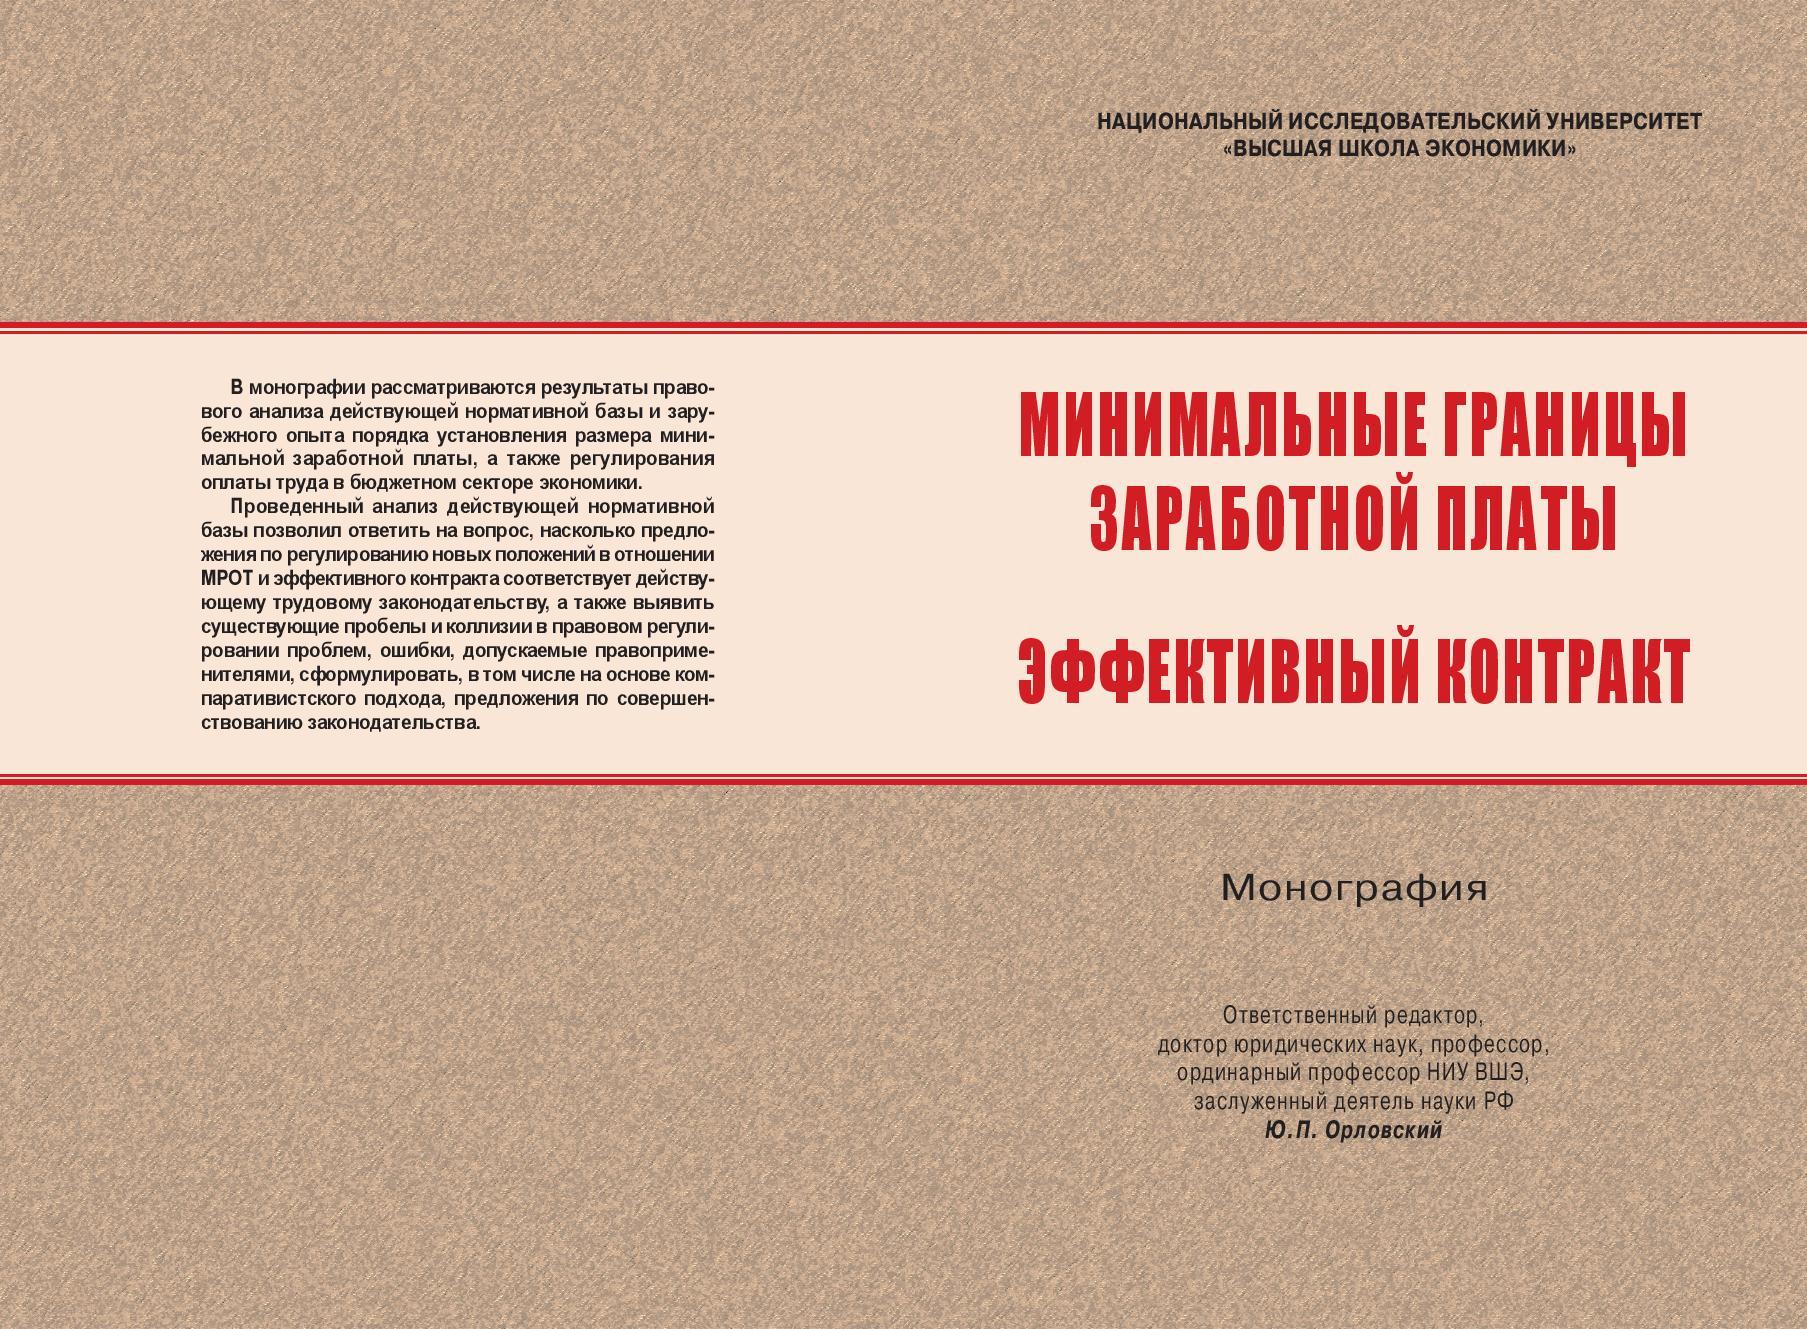 МИНИМАЛЬНАЯ ЗАРАБОТНАЯ ПЛАТА В СУБЪЕКТЕ РОССИЙСКОЙ ФЕДЕРАЦИИ И РЕФОРМА МРОТ: ВЫВОДЫ И ПРЕДЛОЖЕНИЯ